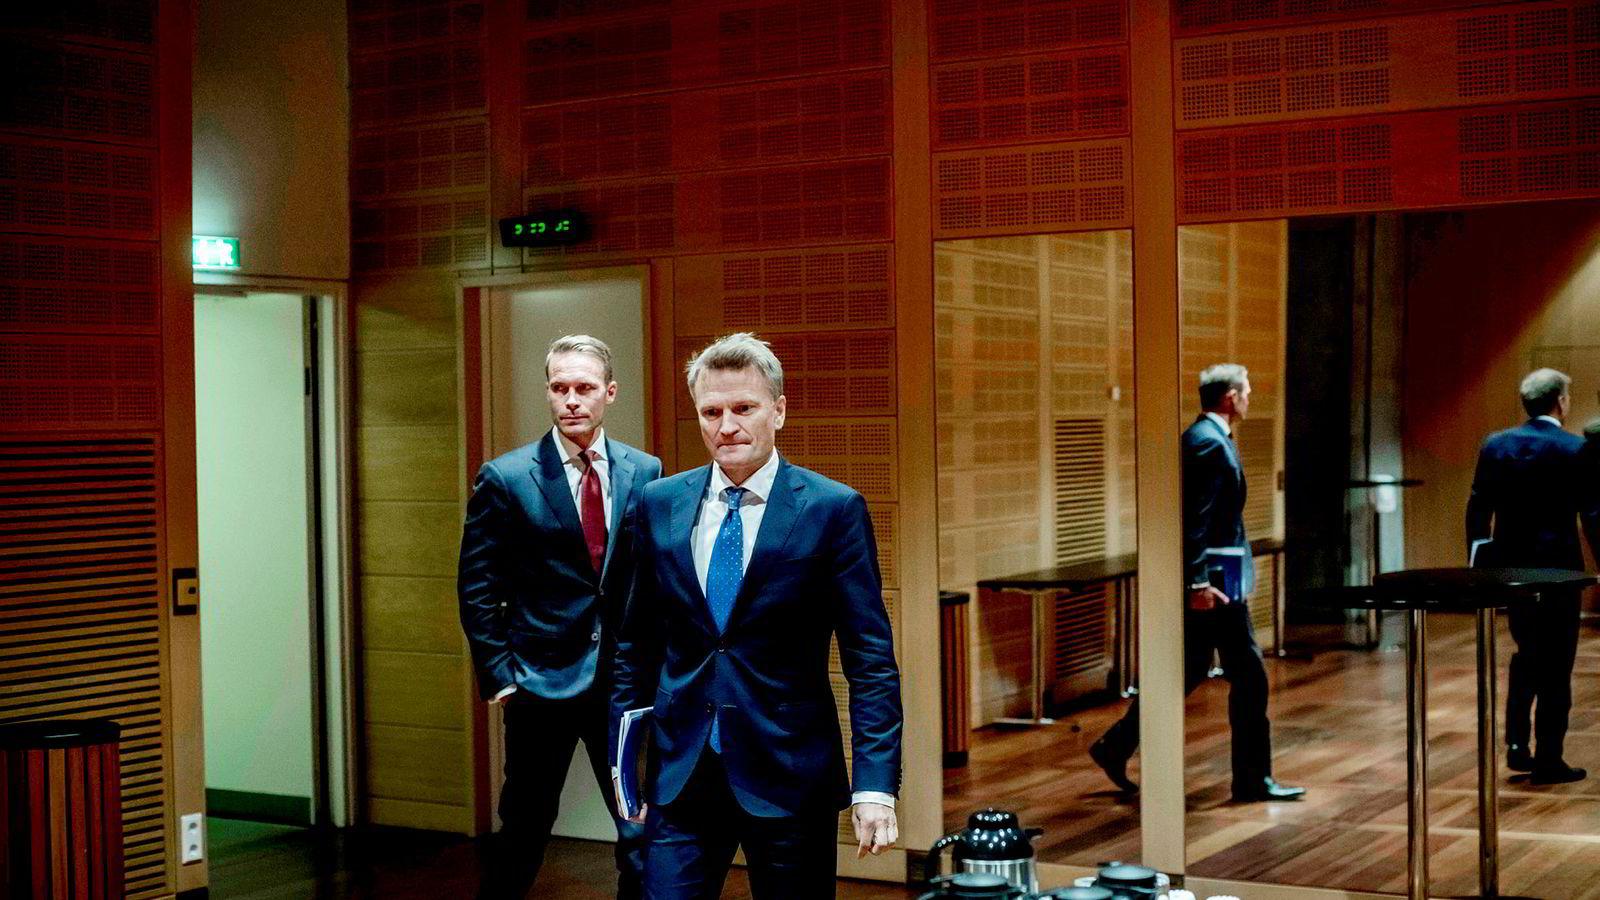 Trond Grande (bak til venstre), nestleder i Oljefondet, og Egil Matsen, visesentralbanksjef, la frem kvartalstall for Oljefondet i Norges Banks lokaler.